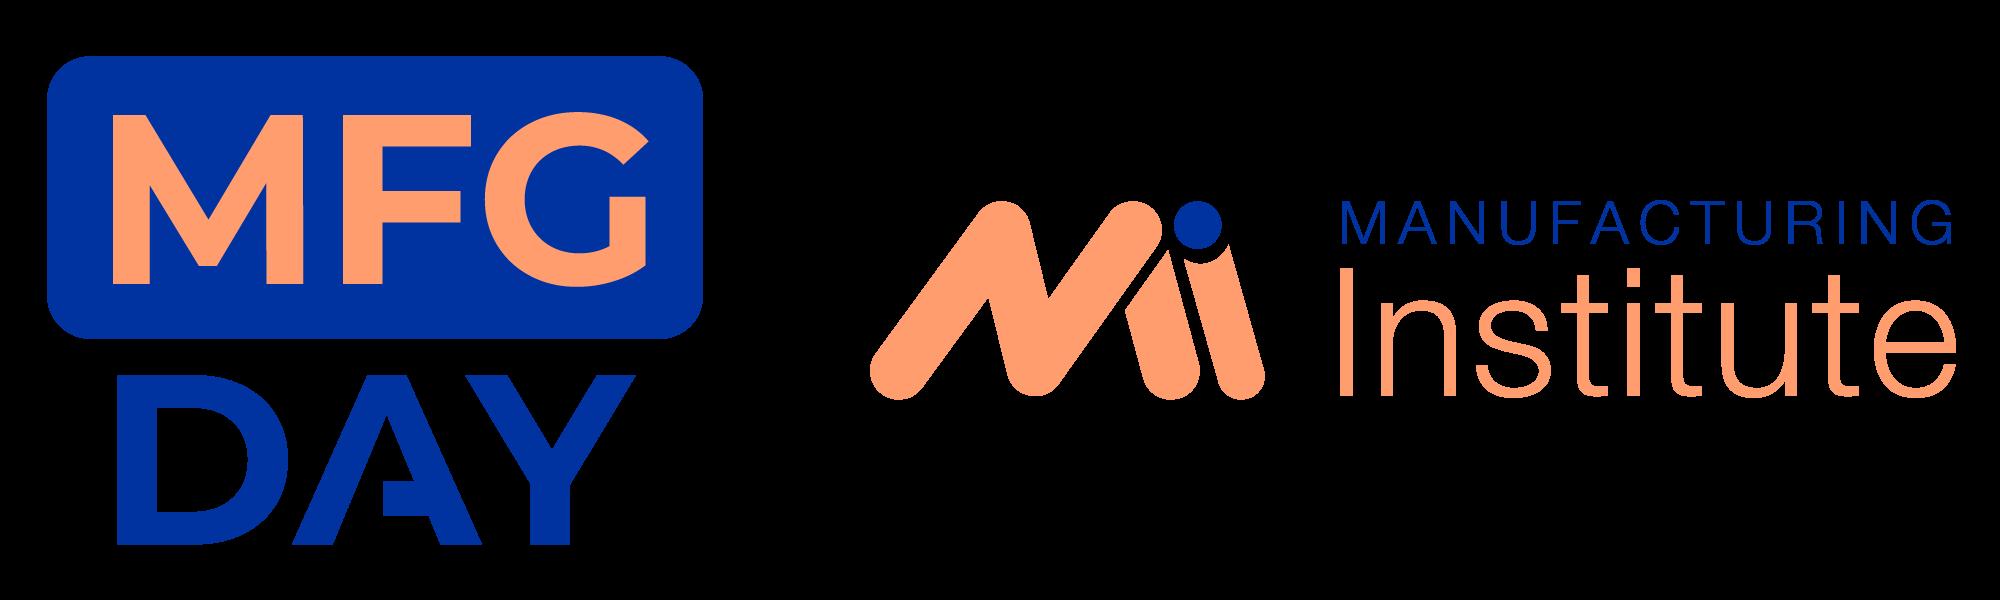 MFGDAY-MI-Horizontal